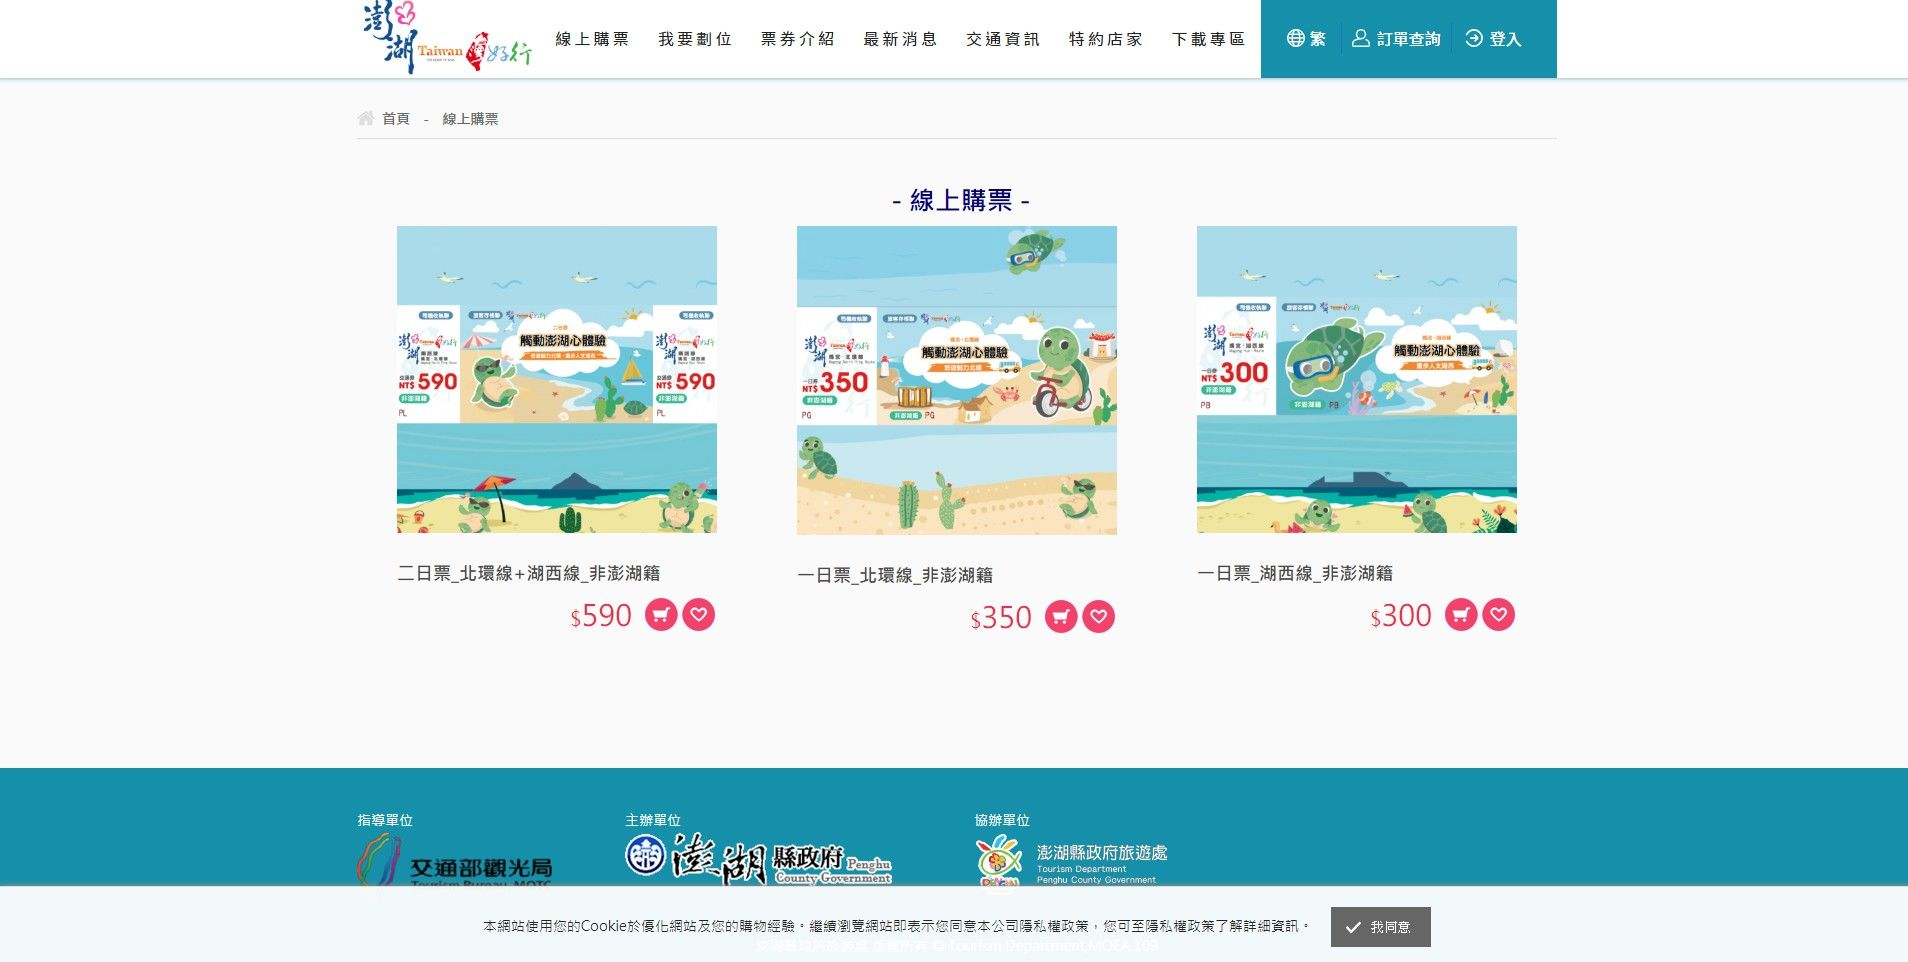 澎湖台灣好行新網站2